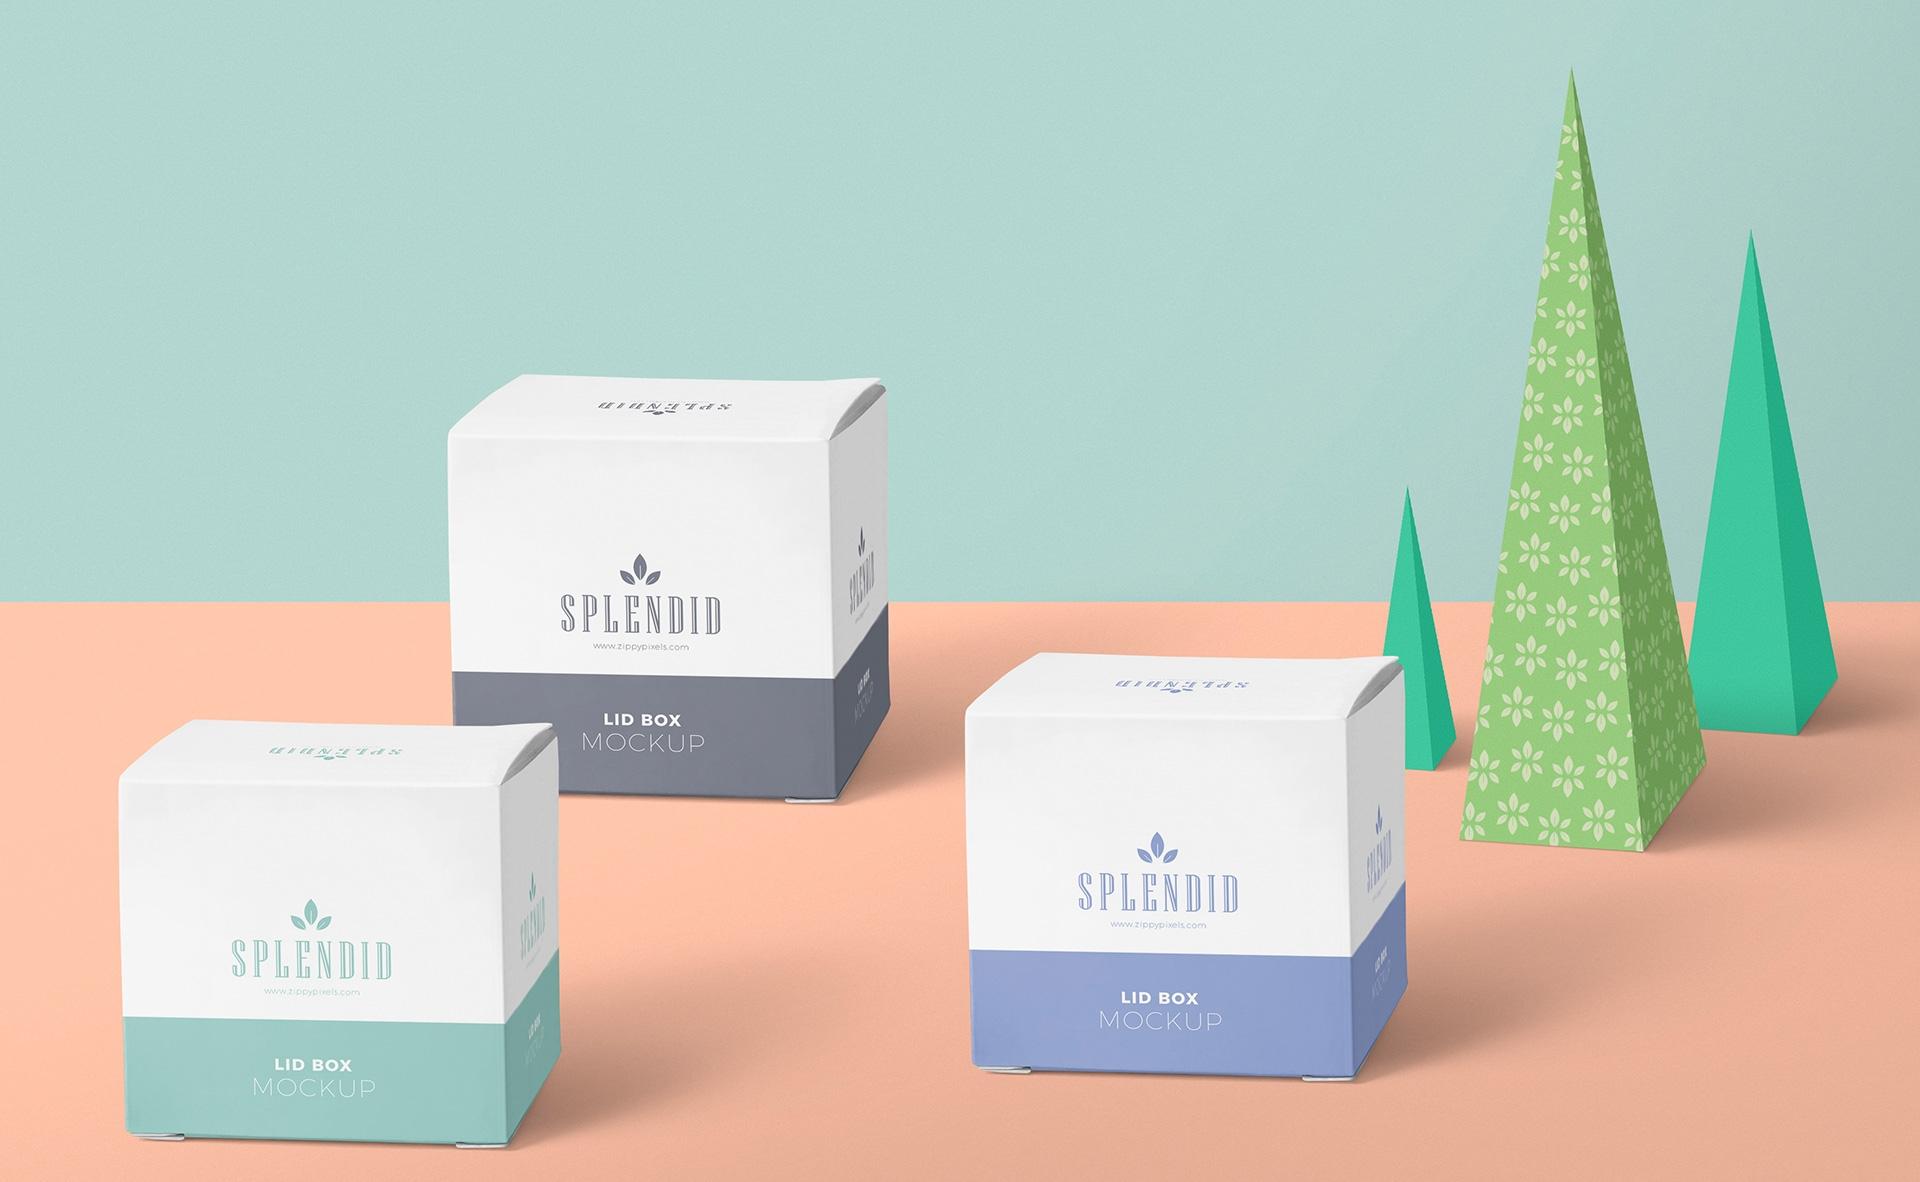 多场景包装盒积木样机展示  素材样机149-Paper Box Mockup PSD